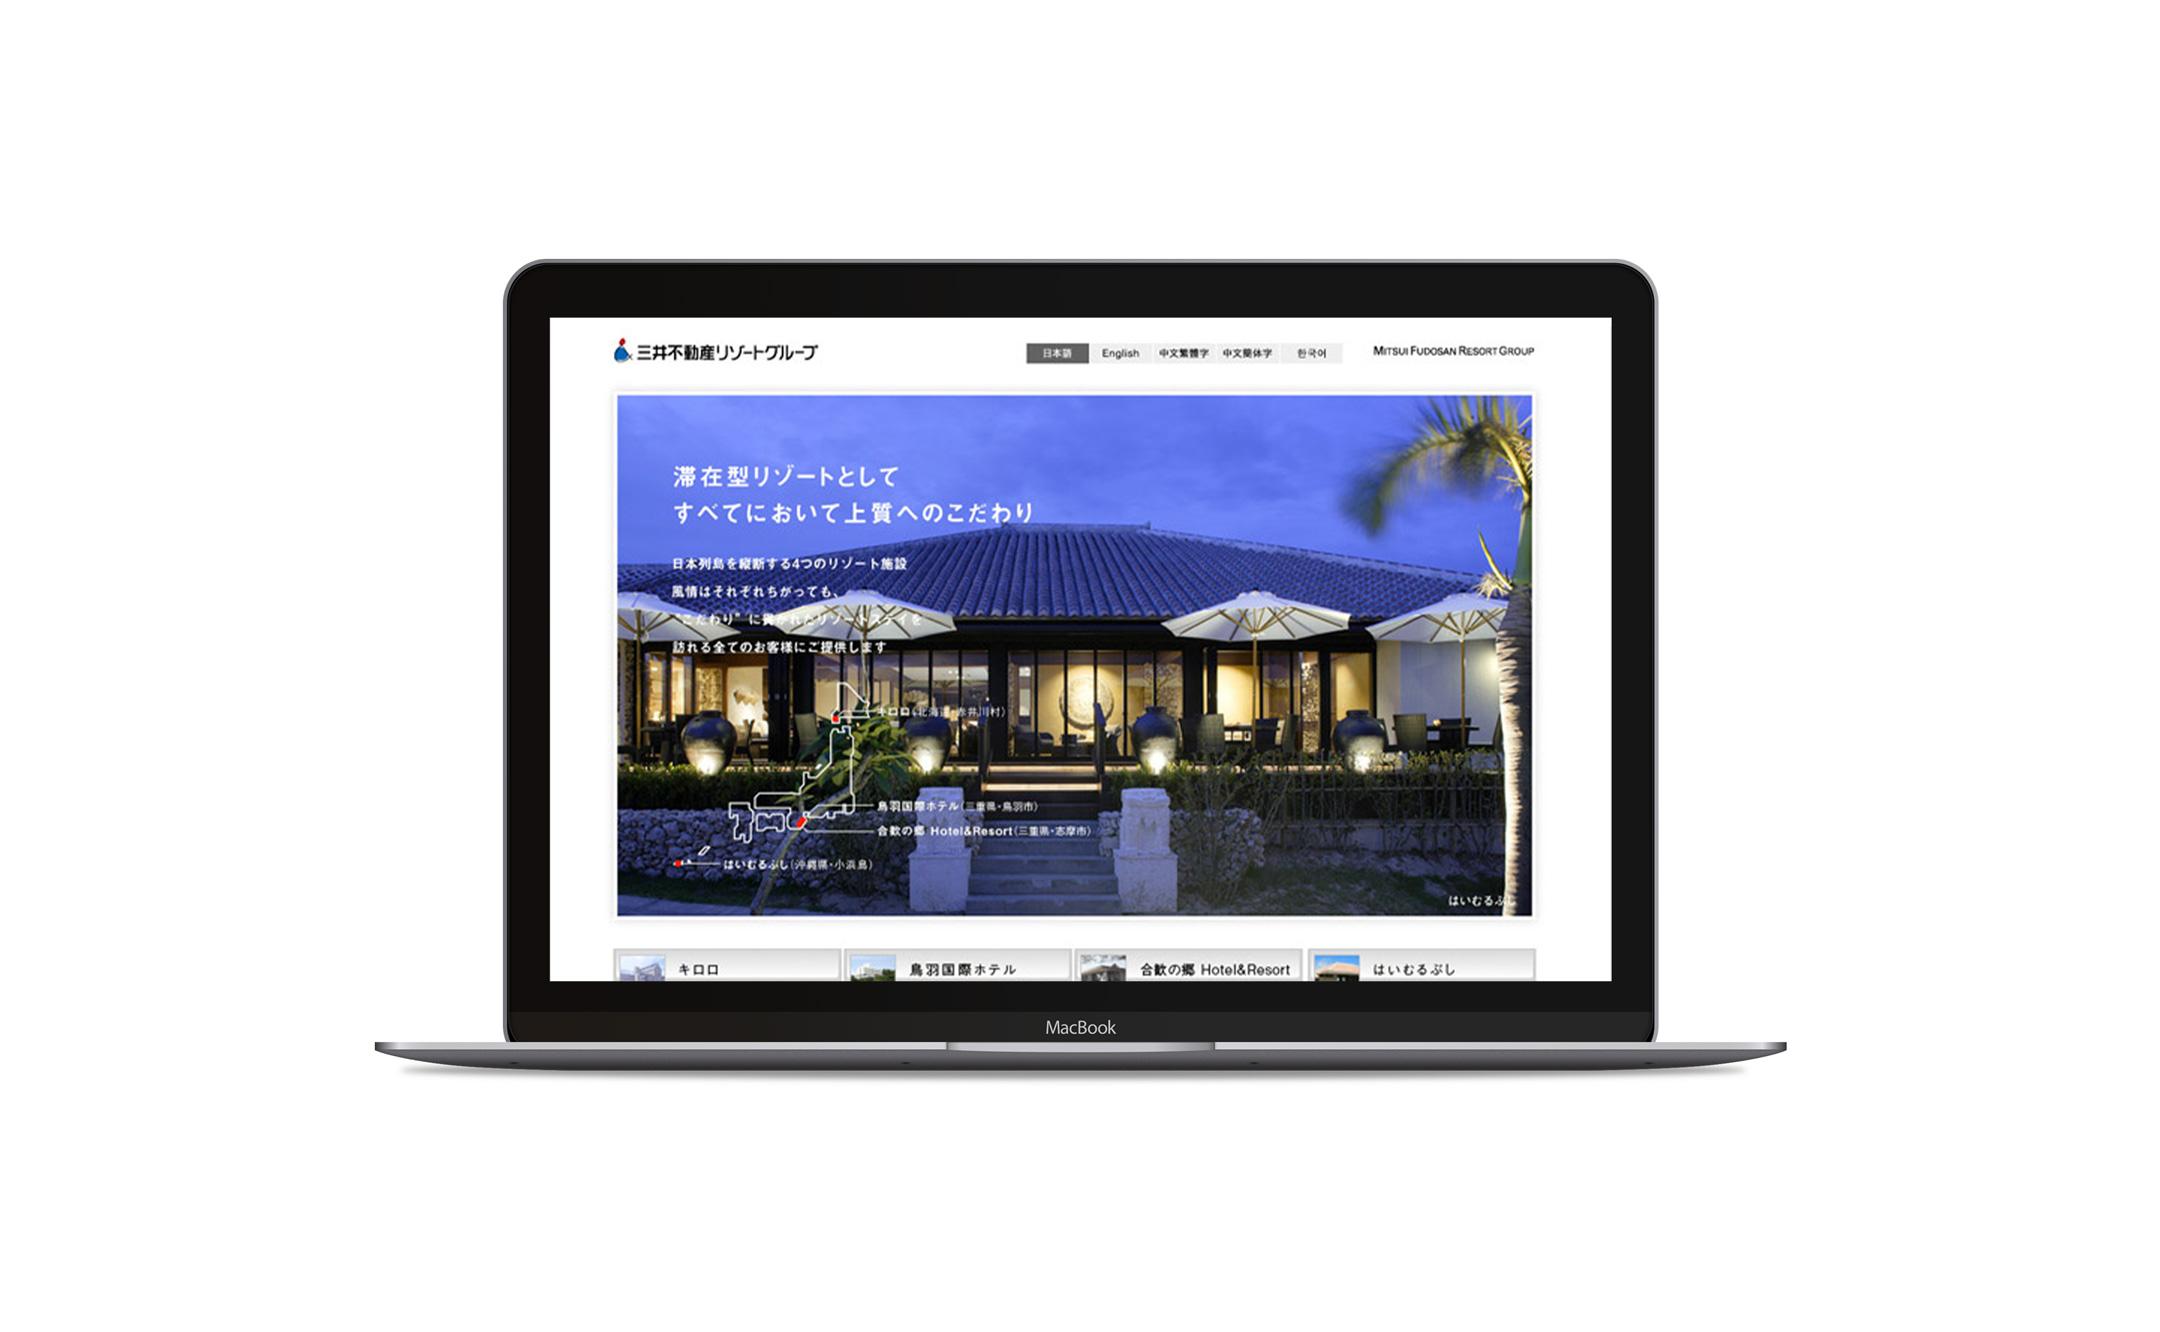 三井リゾート WEBサイトデザイン